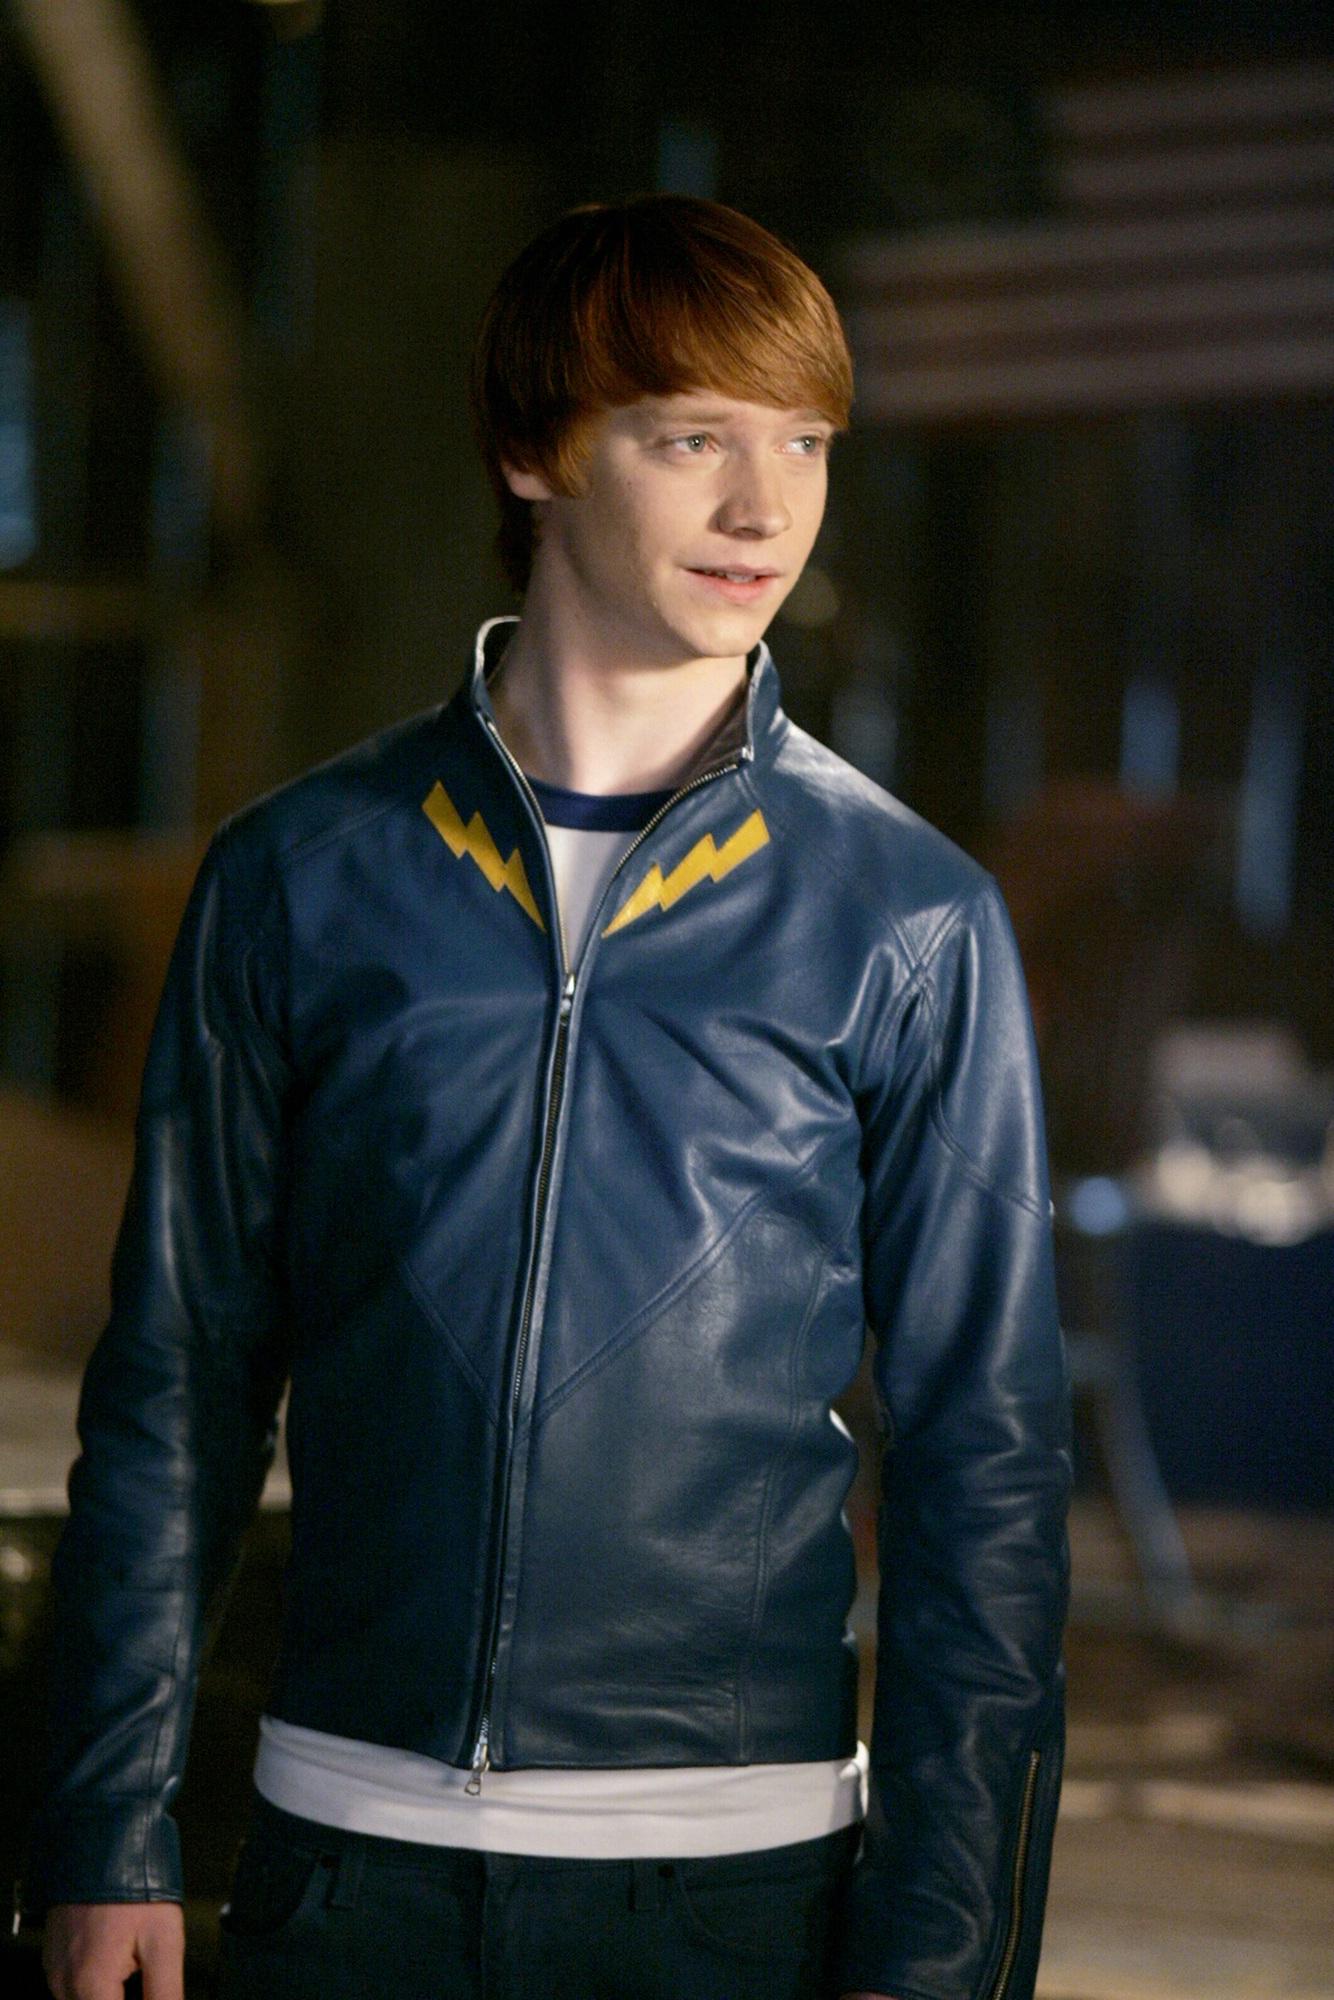 Garth Ranzz (Smallville)